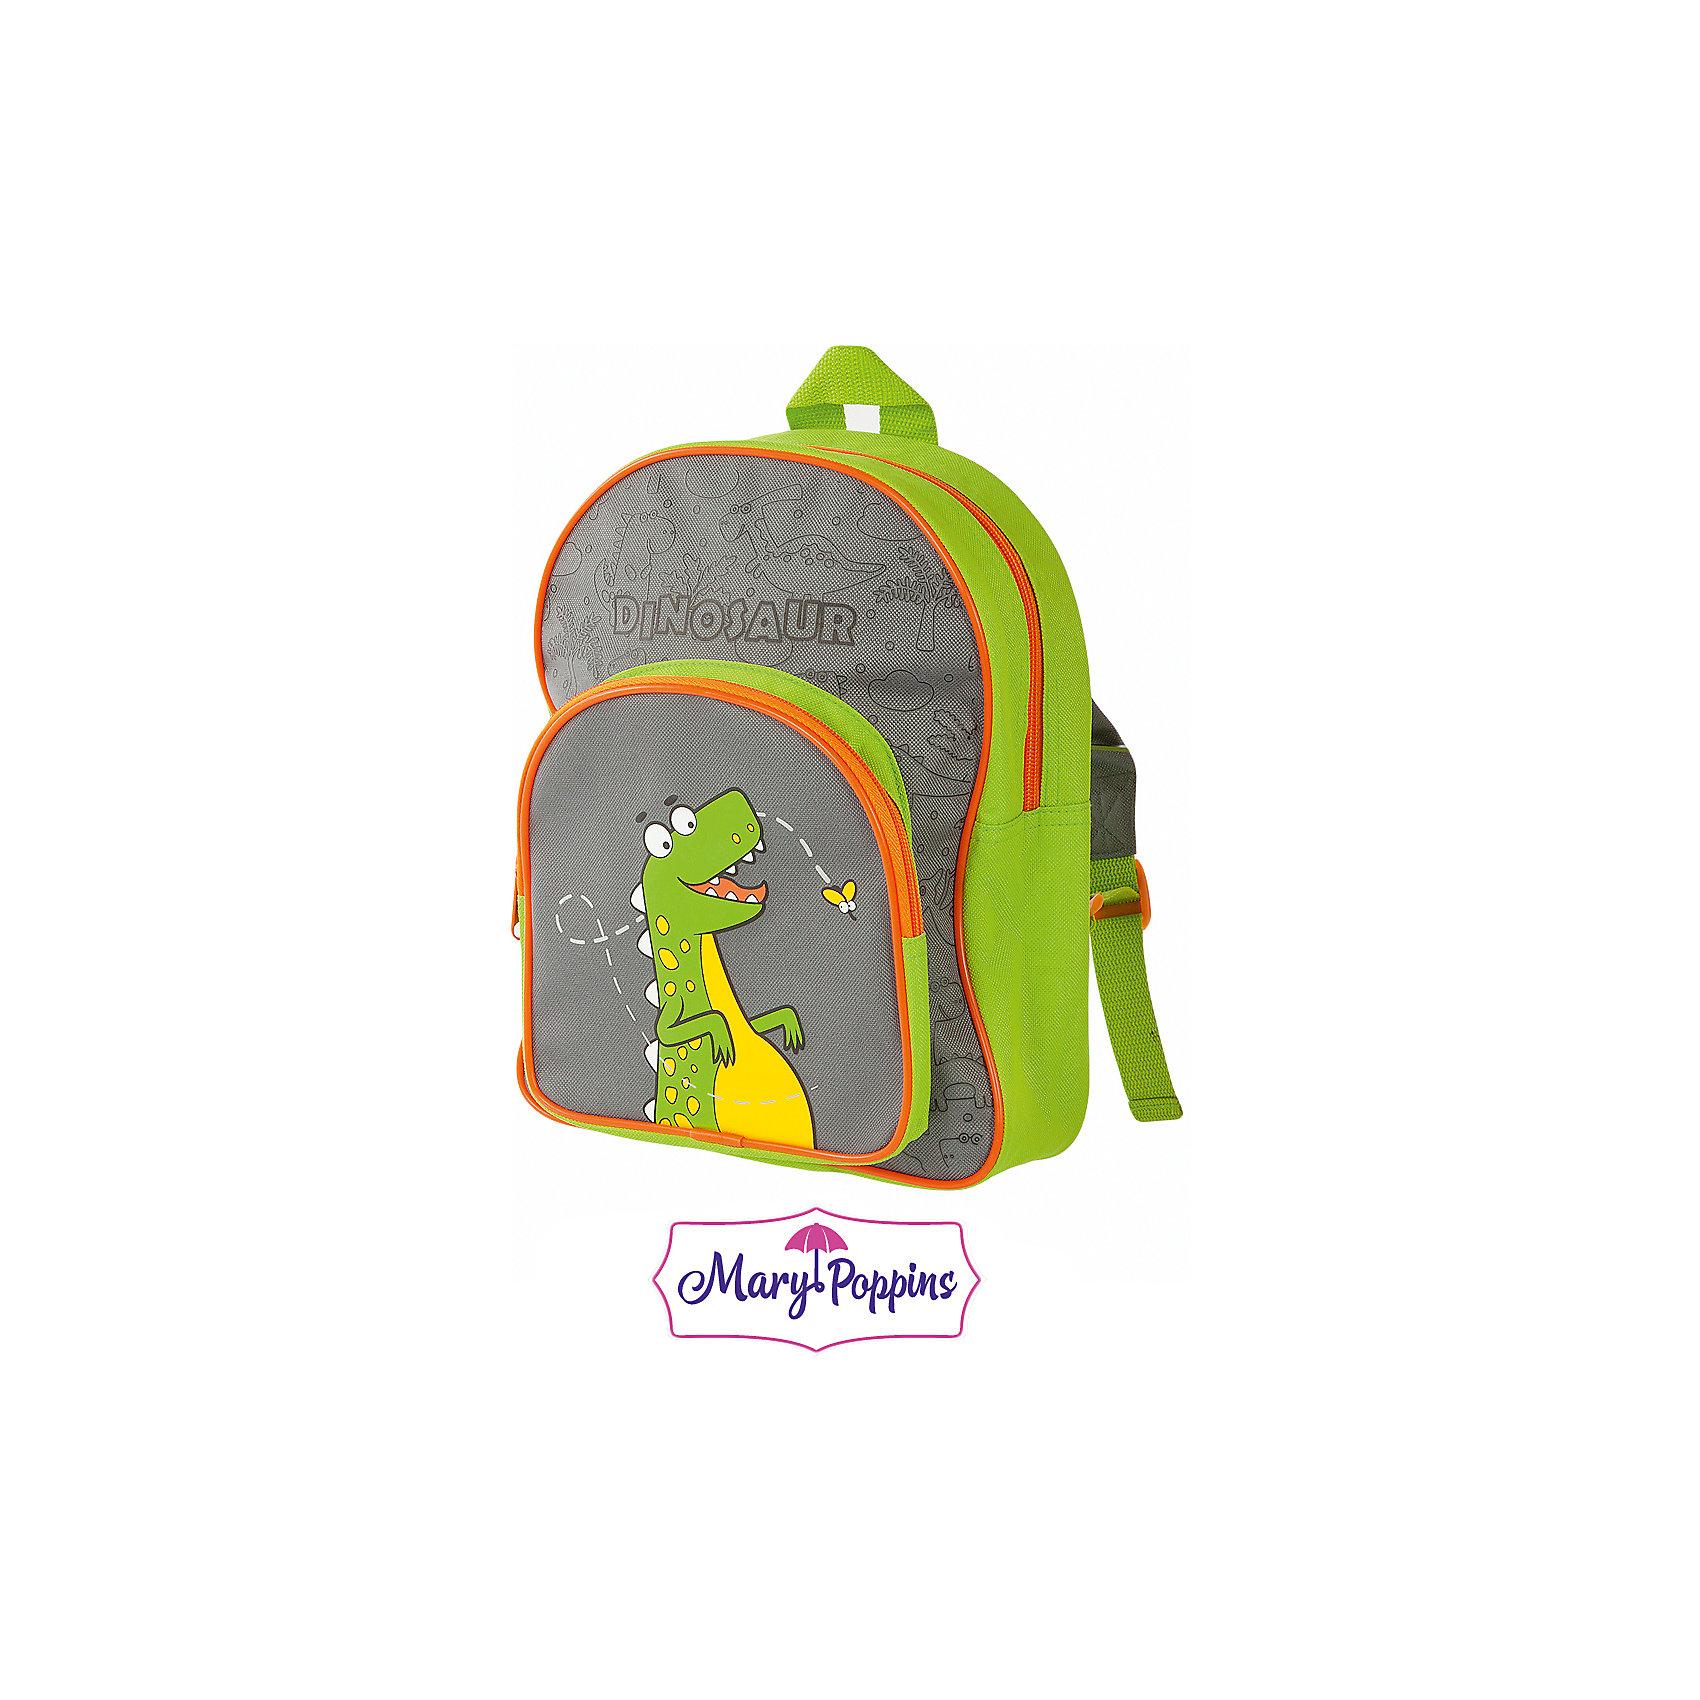 Рюкзак Дино 23*9*29см.Детские рюкзаки<br>Рюкзак Динозавр обязательно понравится девочкам и привлечет их внимание своим ярким красочным видом. У рюкзака мягкие регулируемые лямки, и он украшен изображением забавного зеленого тиранозаврика. Данное изделие изготовлено из прочных высококачественных материалов, так что прослужит долгое время. В него умещается все, что необходимо девочкам для школы или дополнительных занятий.<br><br>Ширина мм: 230<br>Глубина мм: 290<br>Высота мм: 900<br>Вес г: 217<br>Возраст от месяцев: 36<br>Возраст до месяцев: 2147483647<br>Пол: Унисекс<br>Возраст: Детский<br>SKU: 5508537